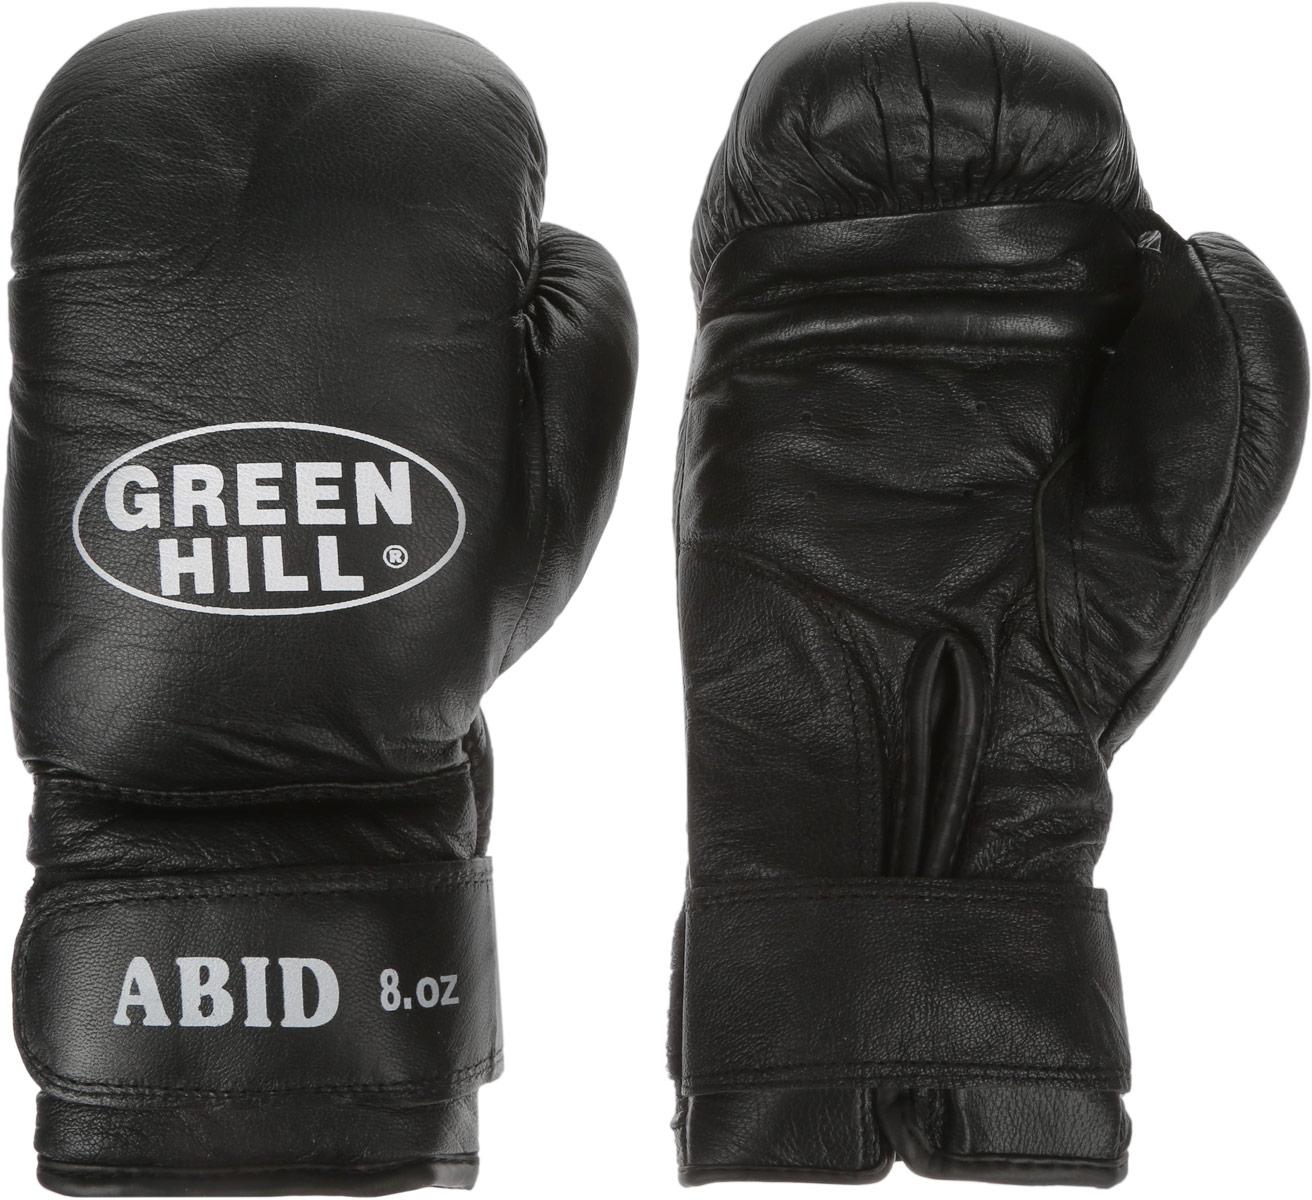 Перчатки боксерские Green Hill Abid, цвет: черный, белый. Вес 8 унцийУТ-00008919Боксерские тренировочные перчатки Green Hill Abid выполнены из натуральной кожи. Они отлично подойдут для начинающих спортсменов. Мягкий наполнитель из очеса предотвращает любые травмы. Отверстия в районе ладони обеспечивают вентиляцию. Широкий ремень, охватывая запястье, полностью оборачивается вокруг манжеты, благодаря чему создается дополнительная защита лучезапястного сустава от травмирования. Застежка на липучке способствует быстрому и удобному одеванию перчаток, плотно фиксирует перчатки на руке.